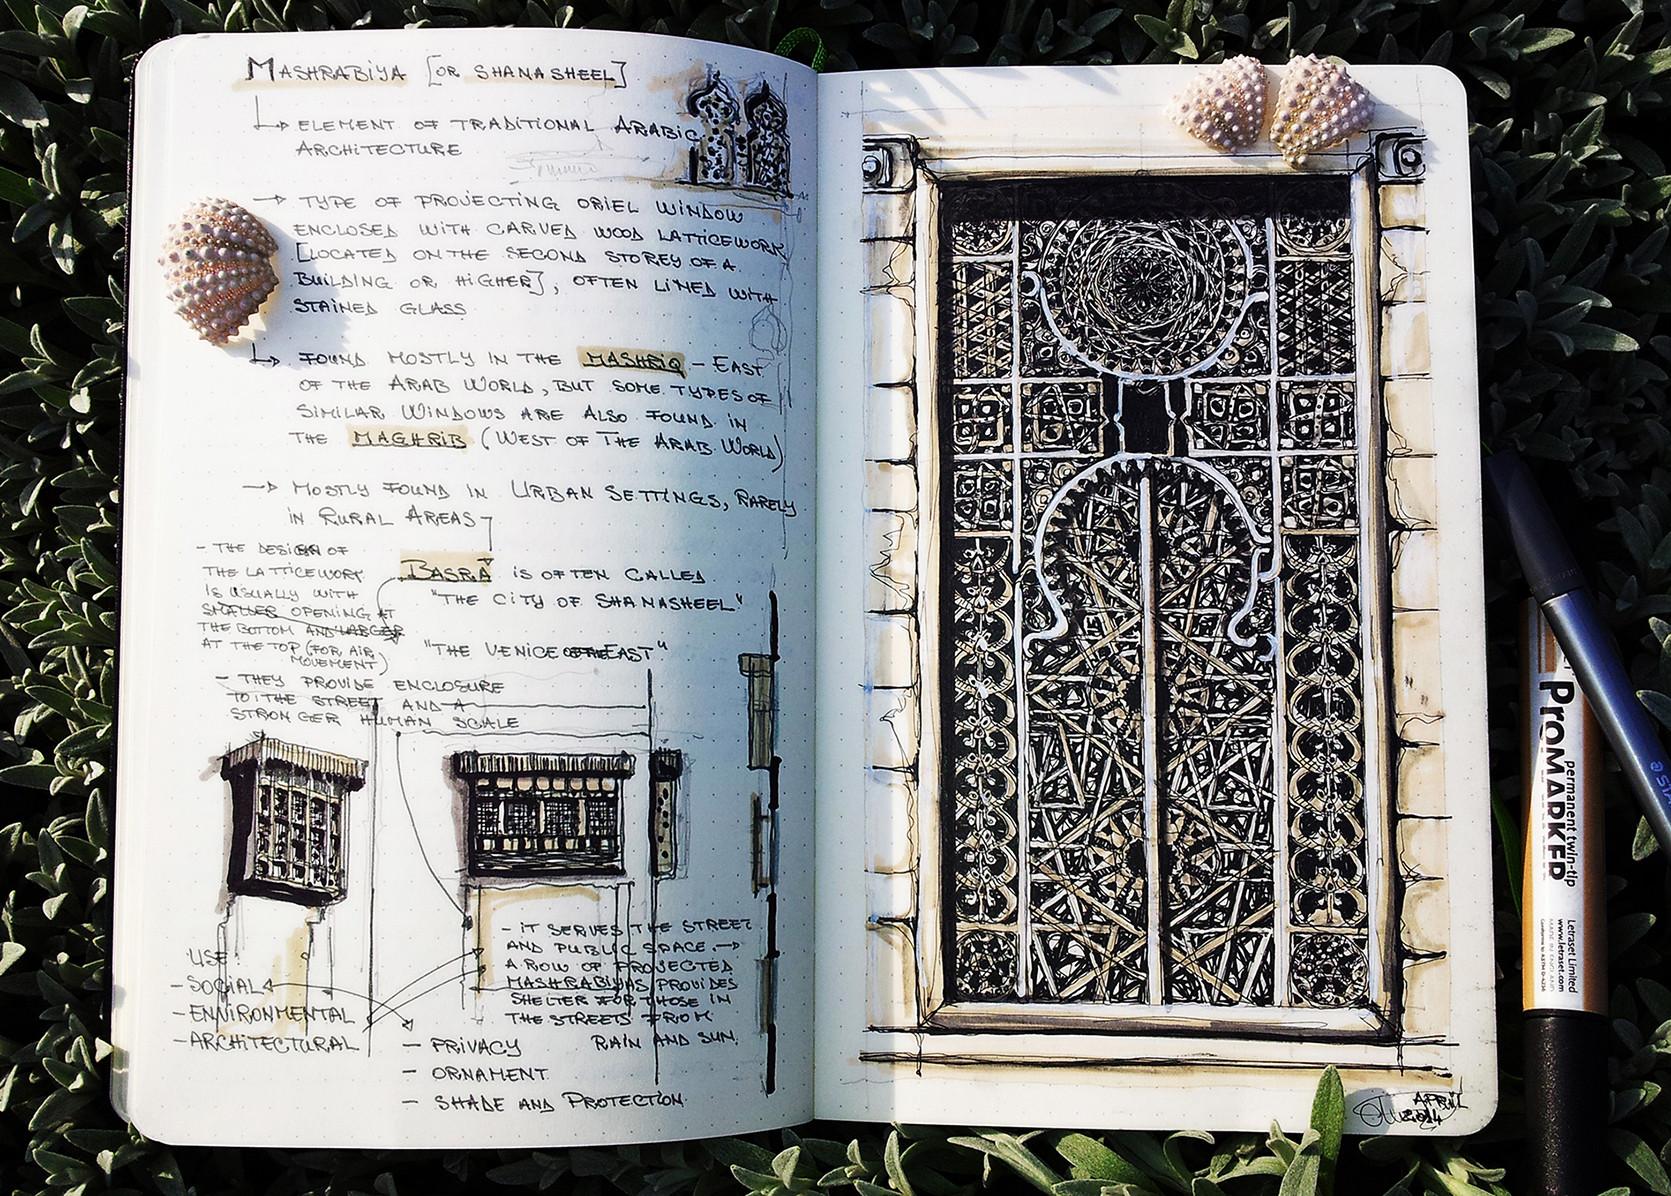 Mashrabiya study